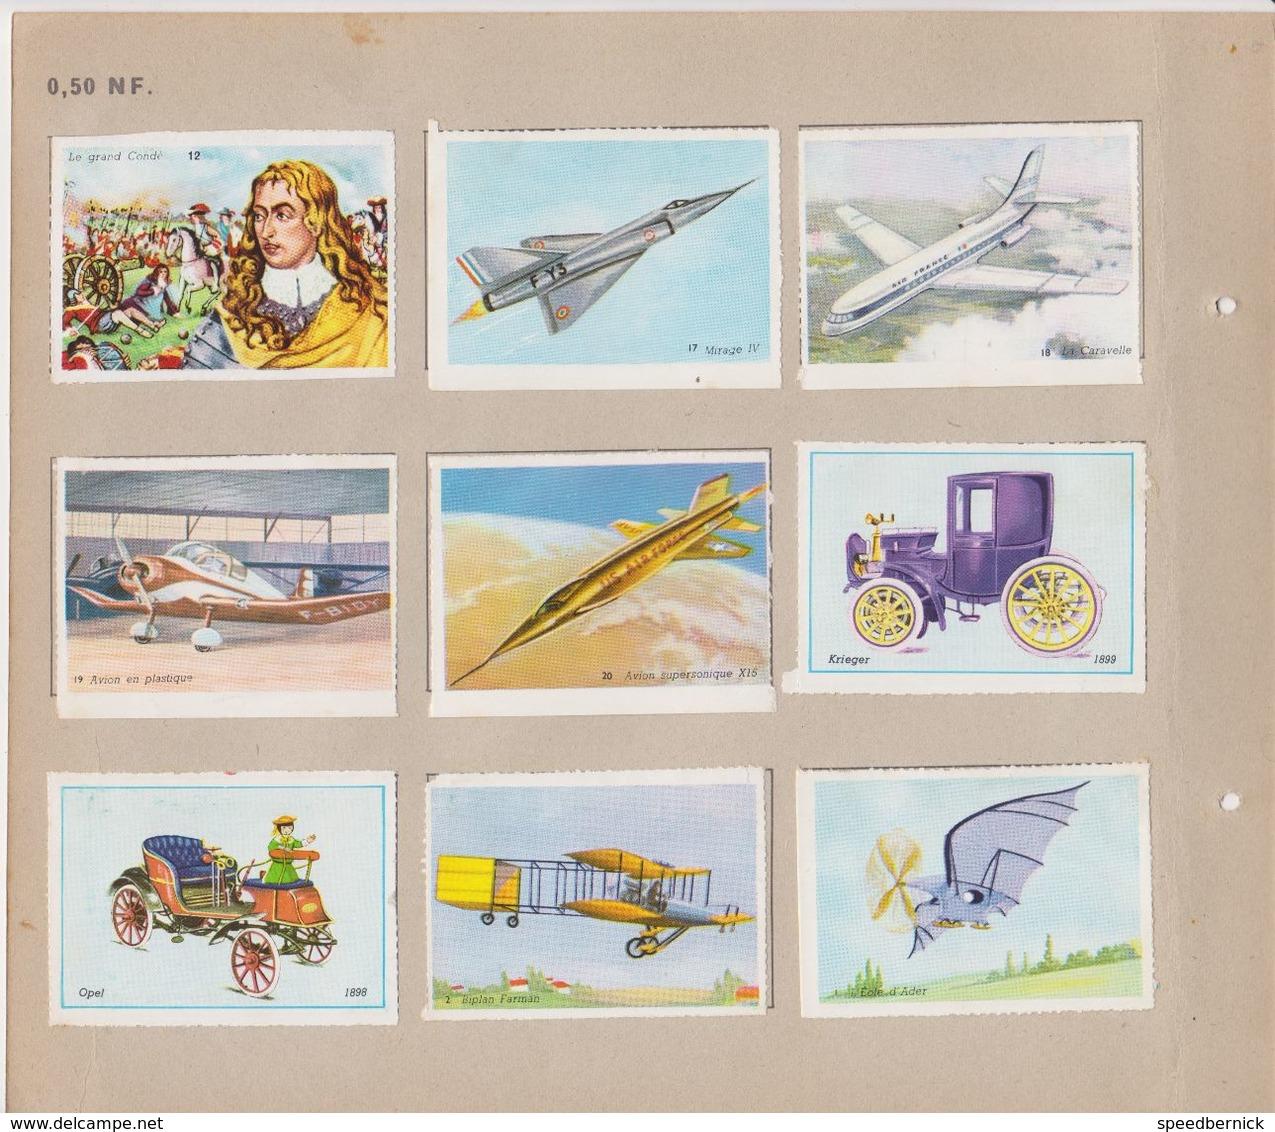 Caisse Epargne RENNES FRANCE 35 -EPARGNE Scolaire -collection Timbres Epargne - Chromos Images -Quinquis - Monnaies & Billets